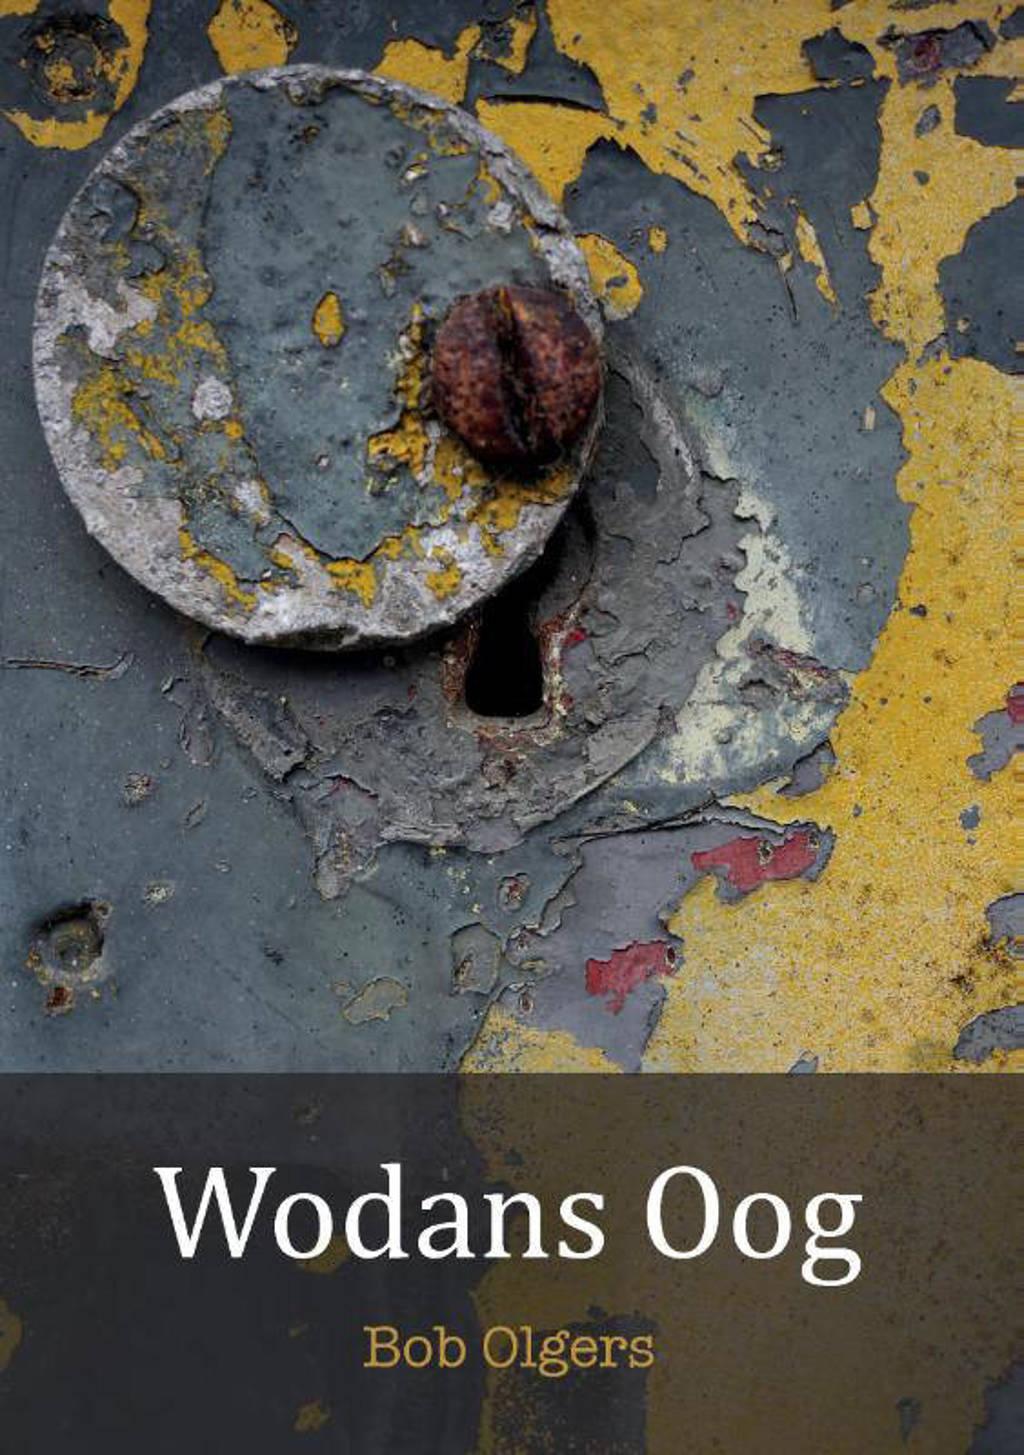 Wodans Oog - Bob Olgers